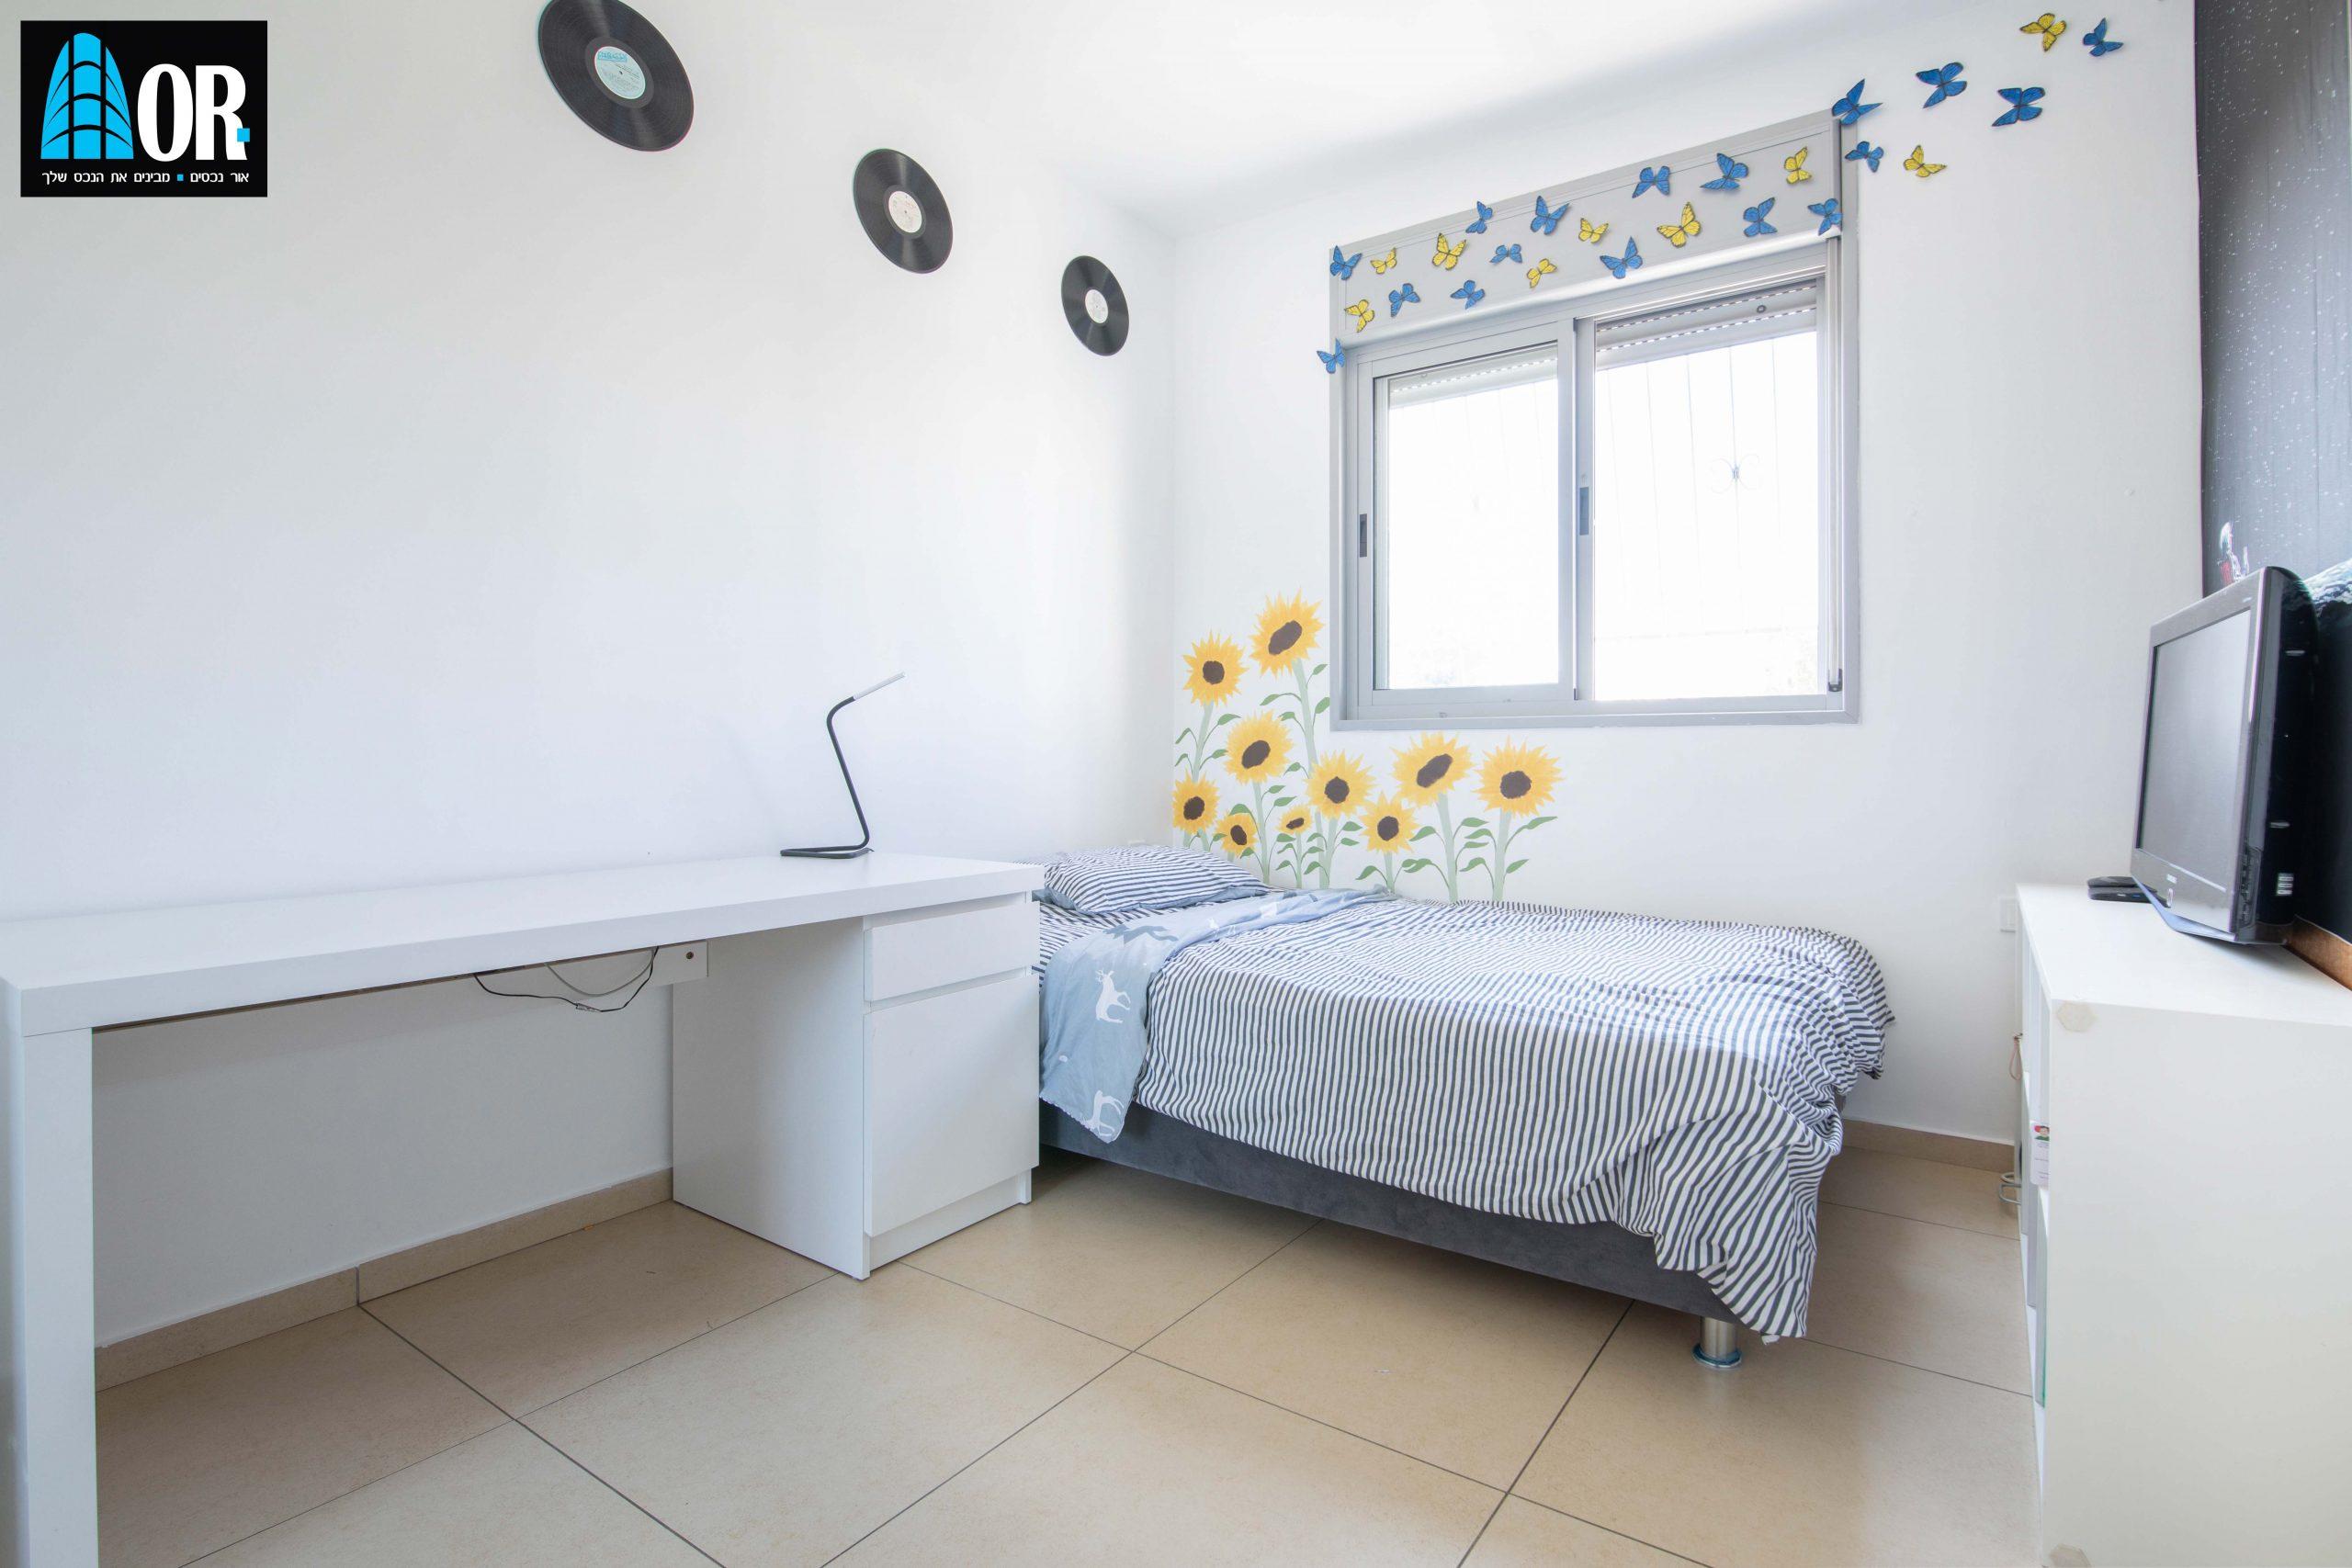 חדר ילדים דירה 4.5 חדרים, שכונה פארק המושבה